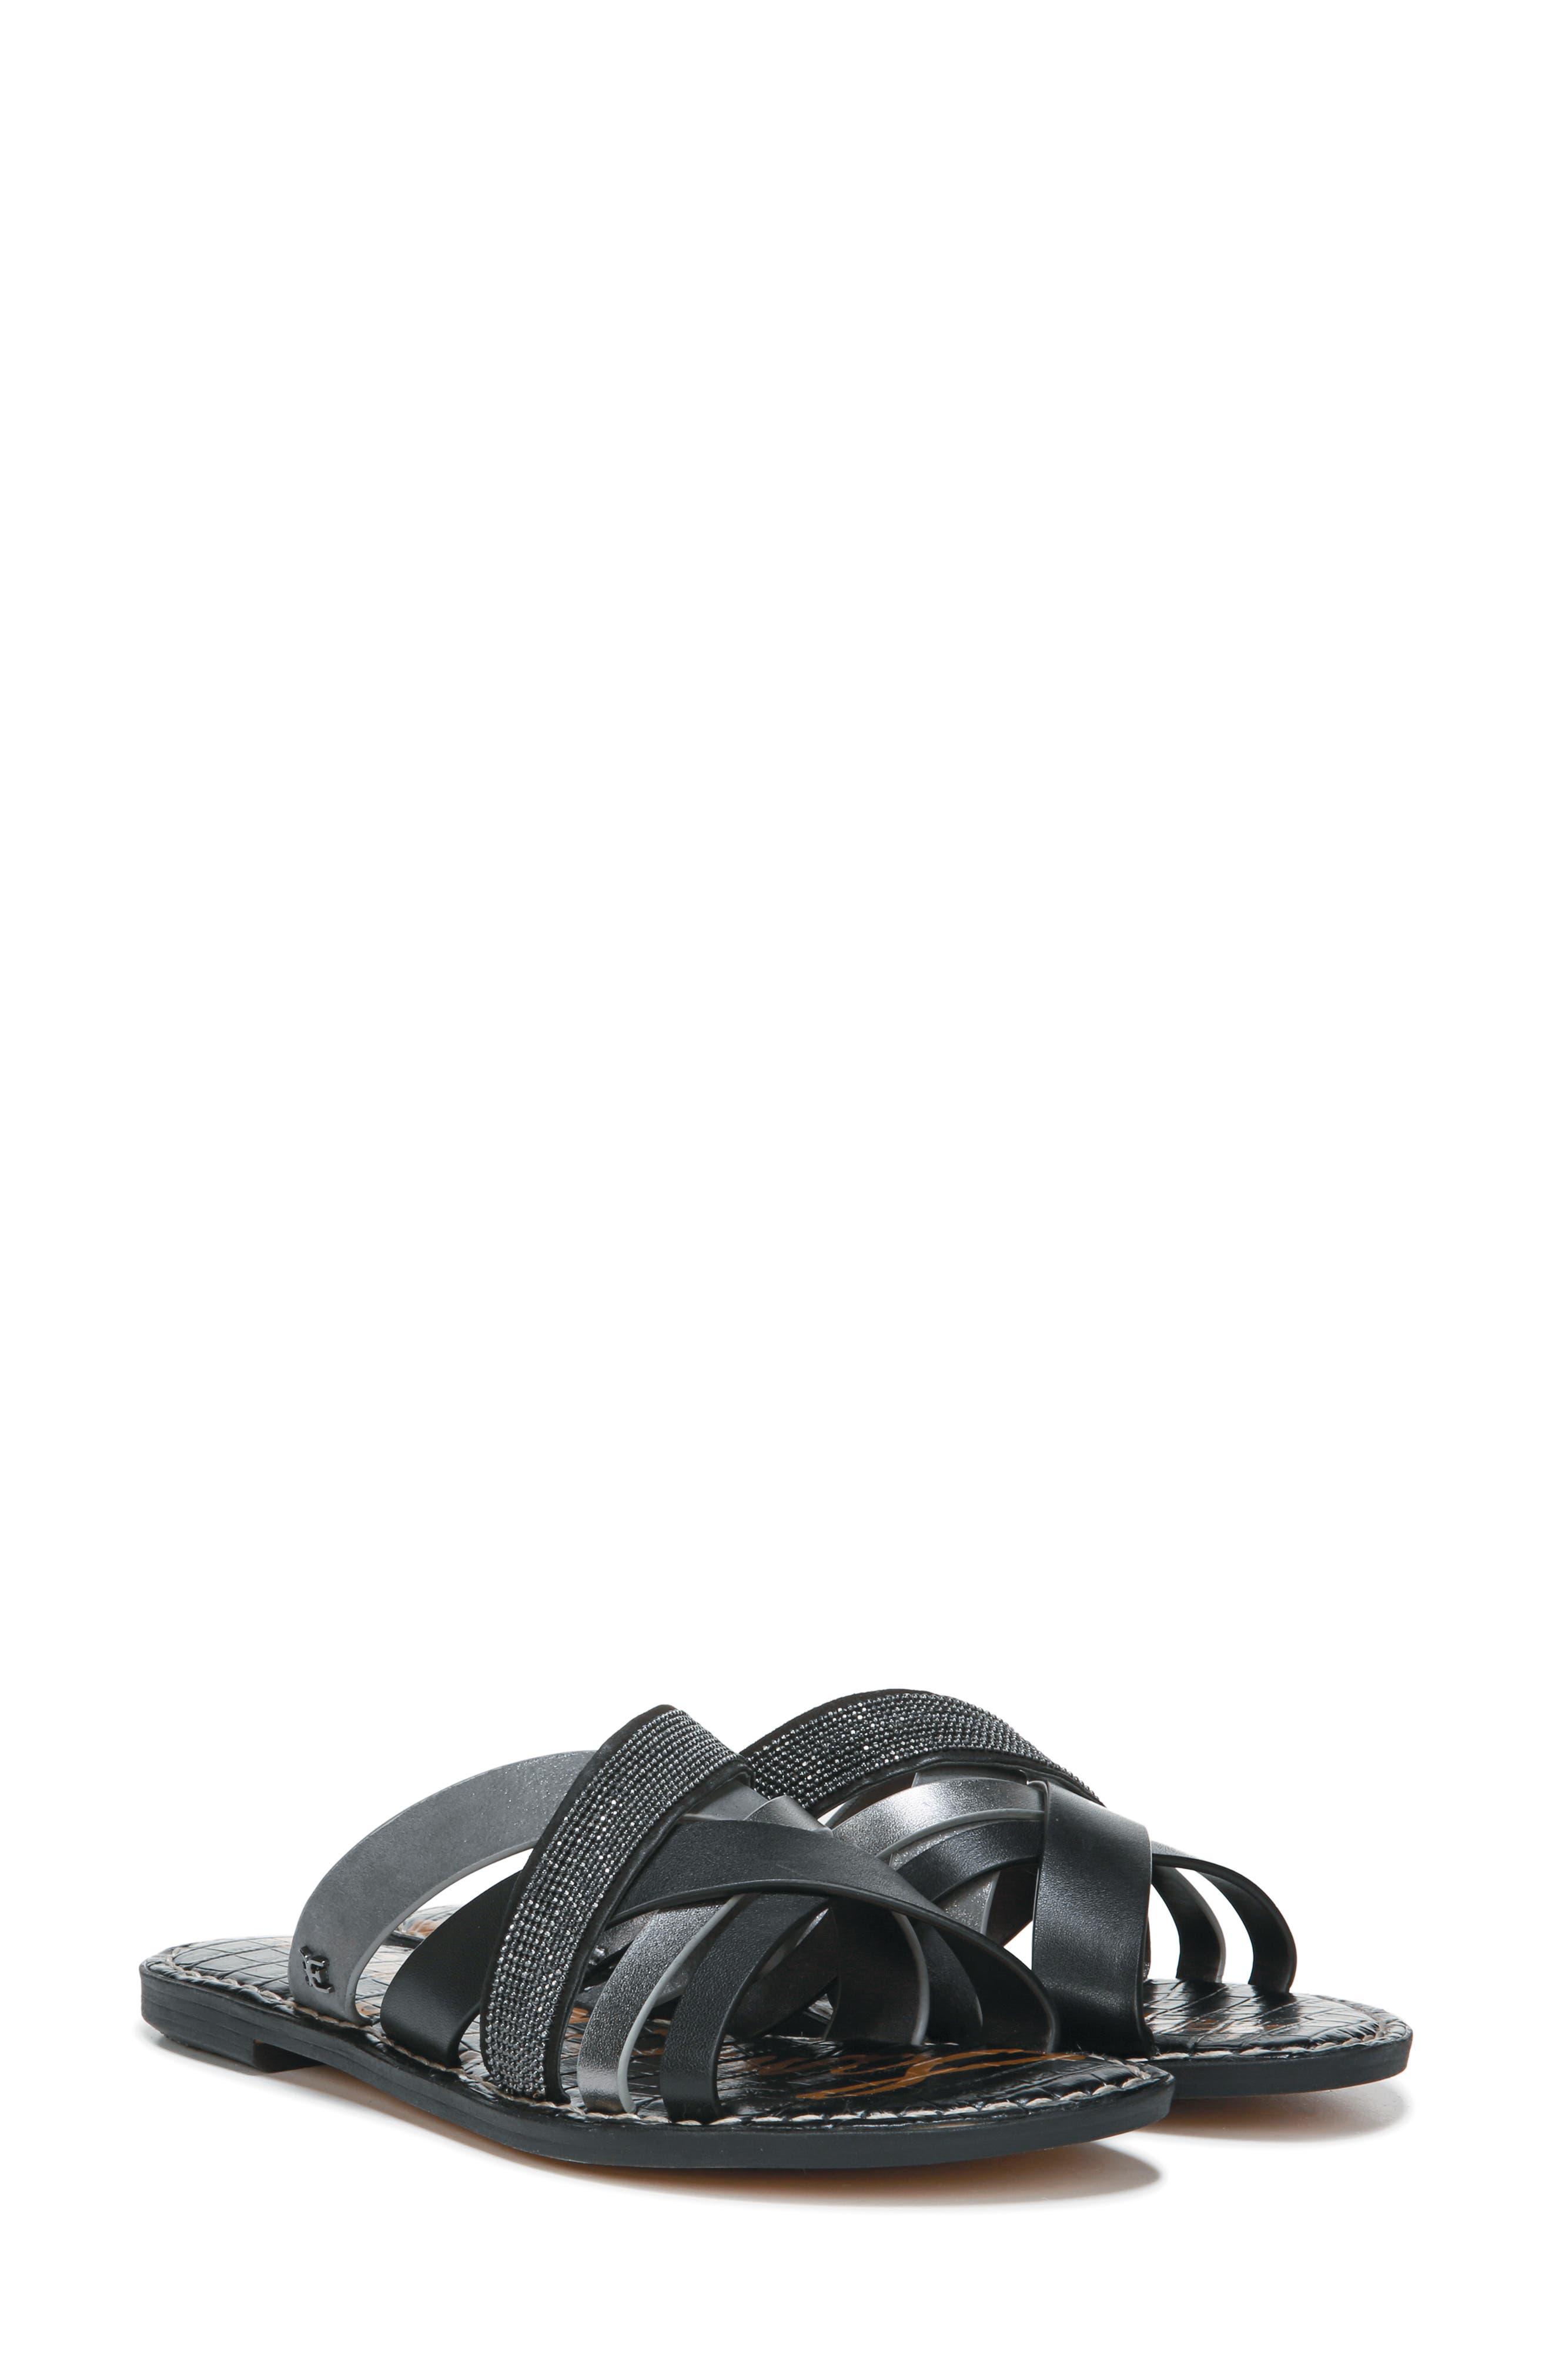 Glennia Slide Sandal,                             Alternate thumbnail 9, color,                             DARK PEWTER/ BLACK LEATHER